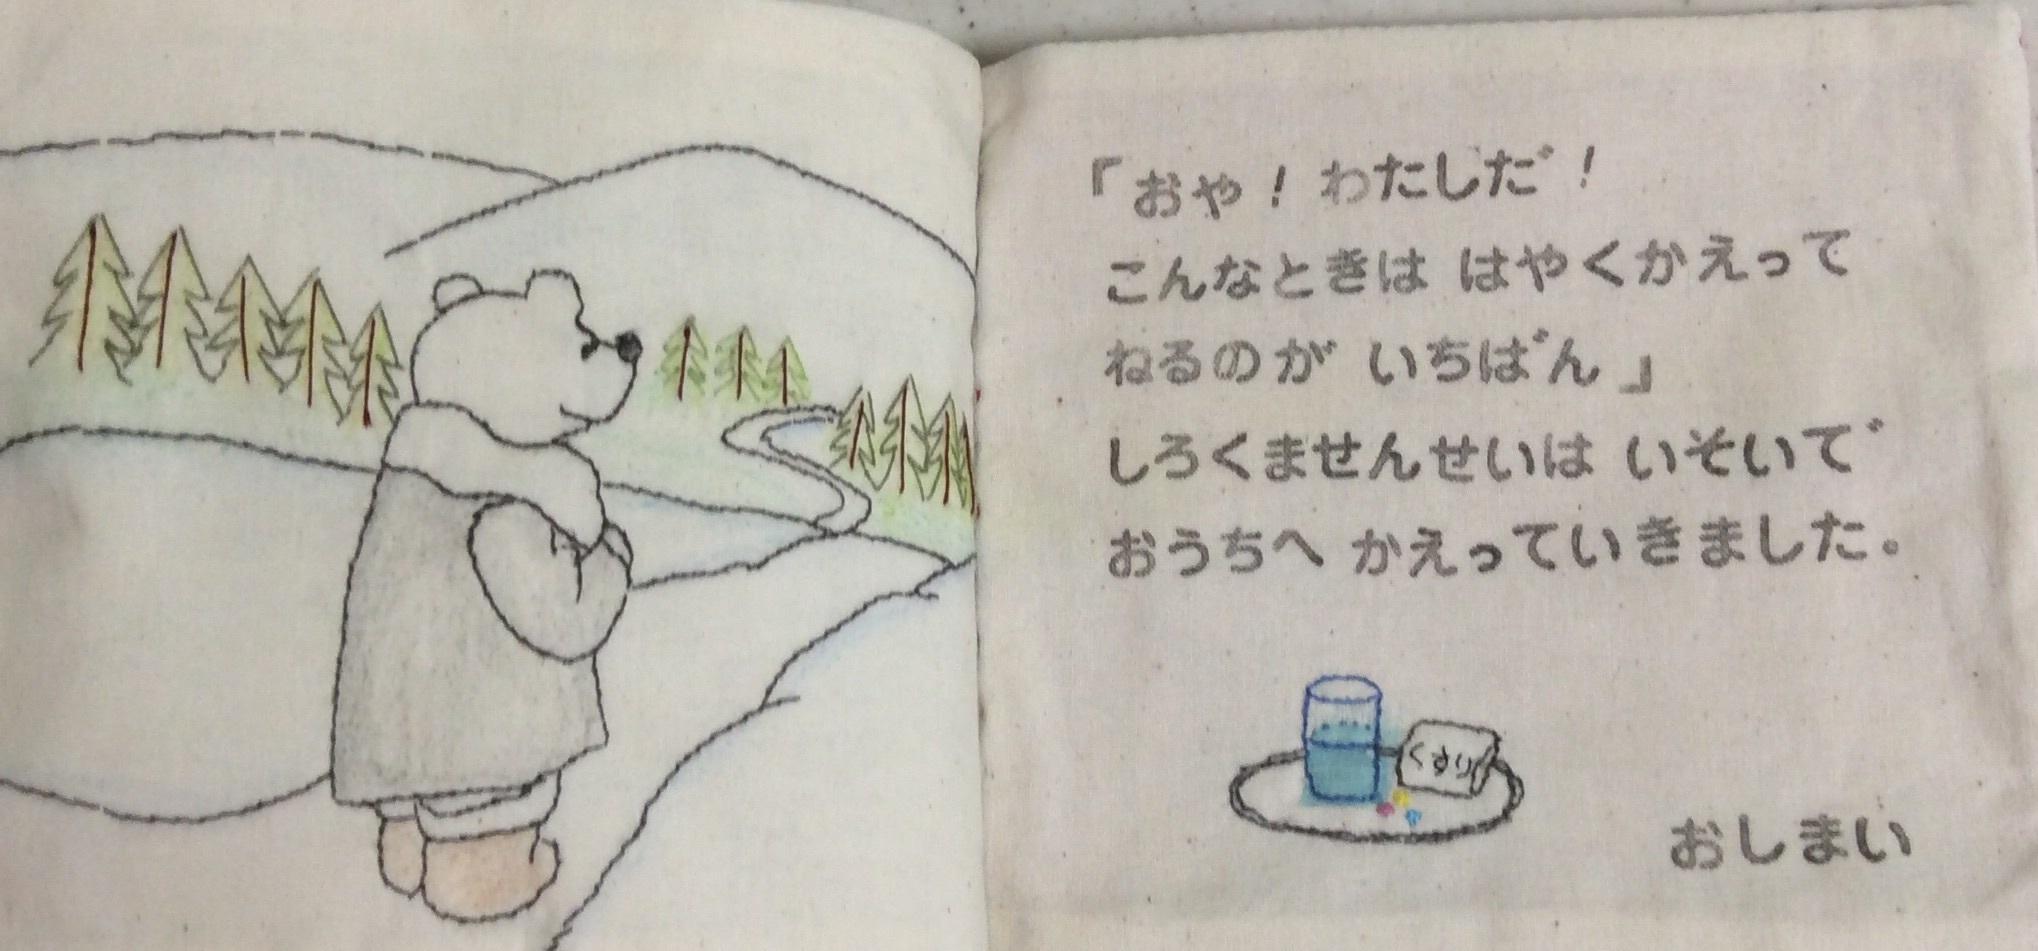 b0340046_21395645.jpg